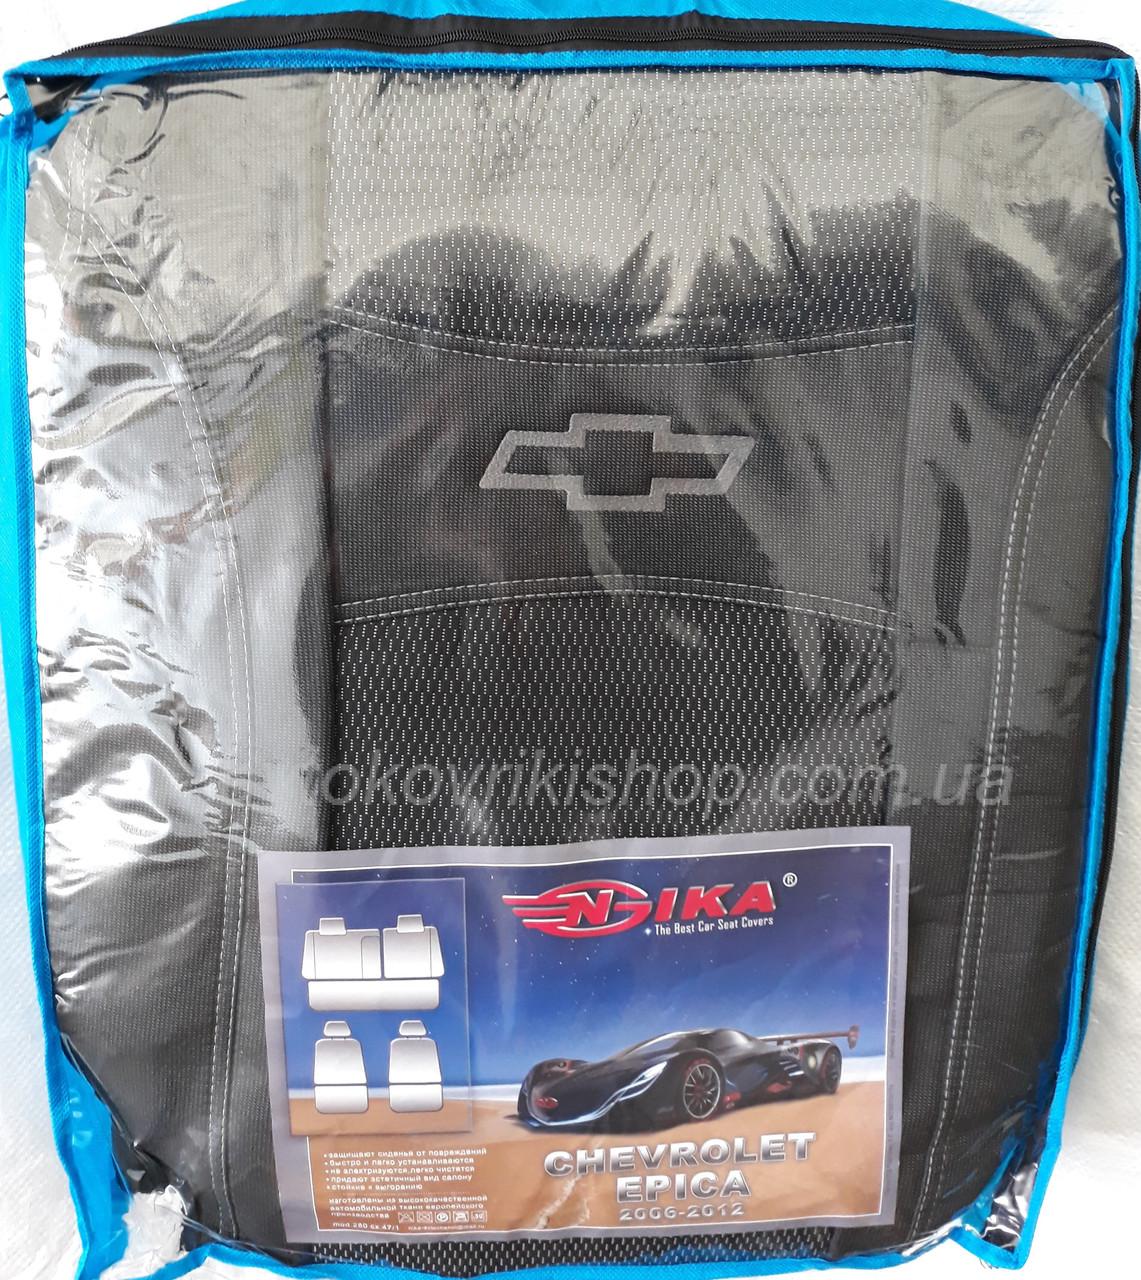 Автомобильные чехлы Chevrolet Epica 2000-2012 Nika